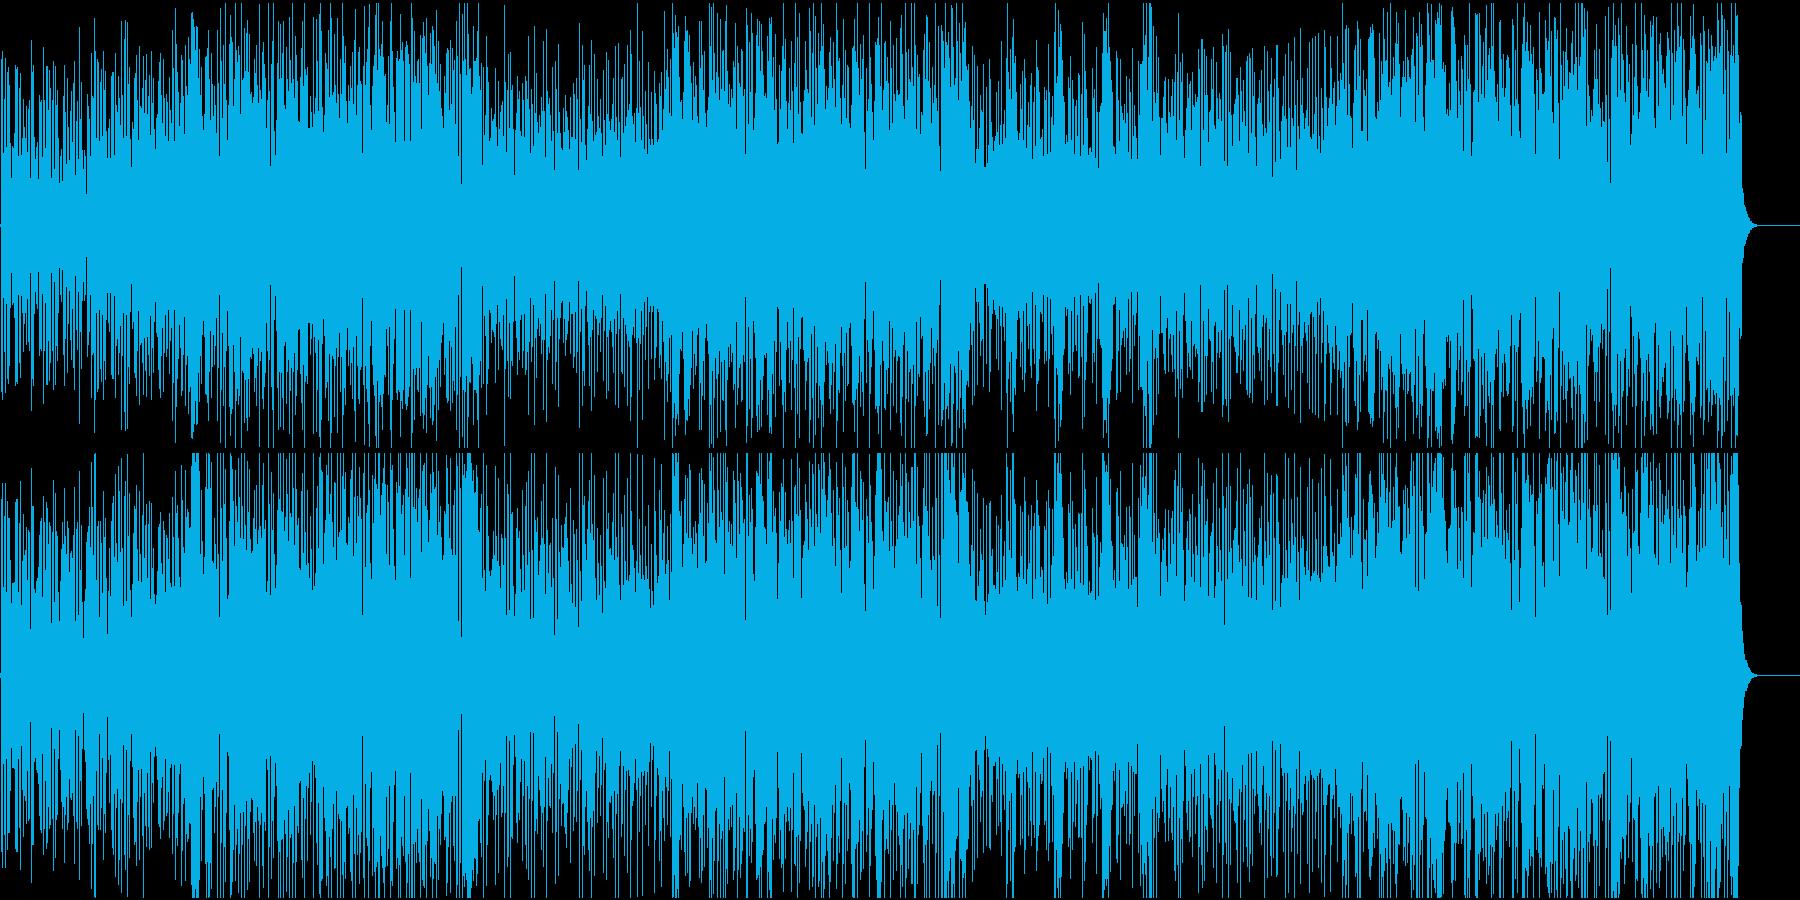 ファンキーな攻防戦を思わせるBGMの再生済みの波形